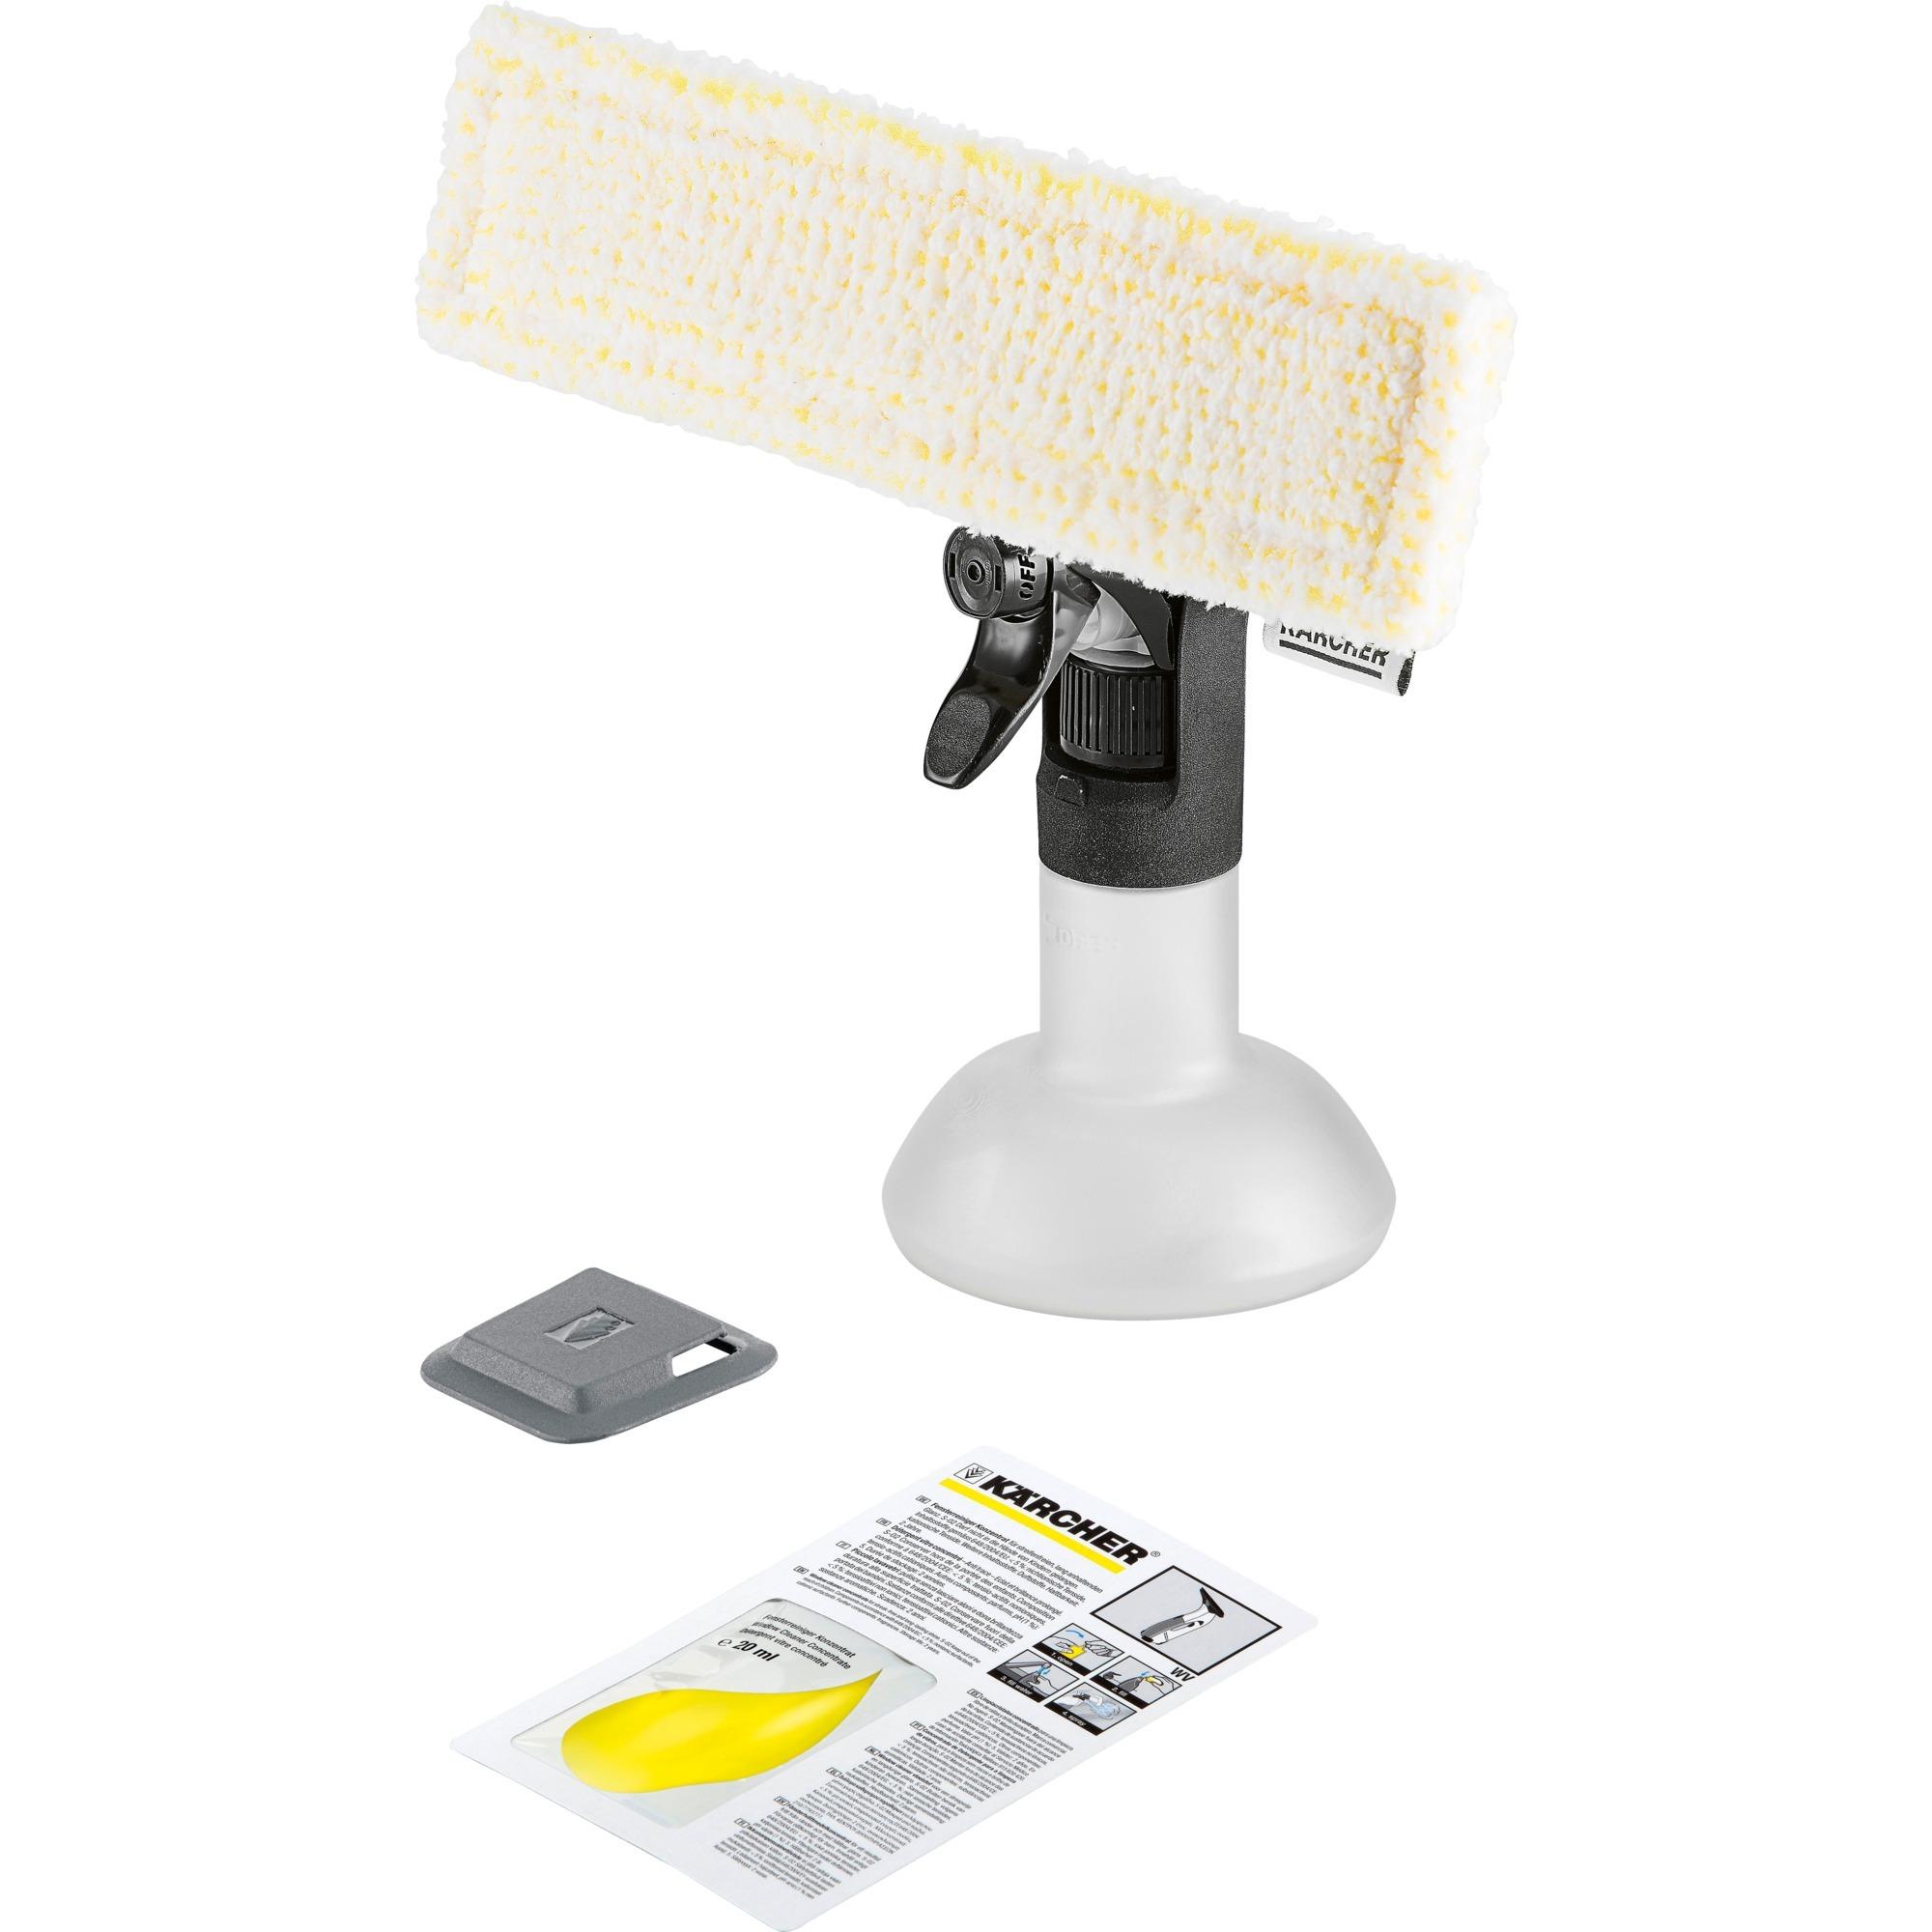 2.633-129.0 accesorio para limpiacristales eléctrico, Extractor de ventana